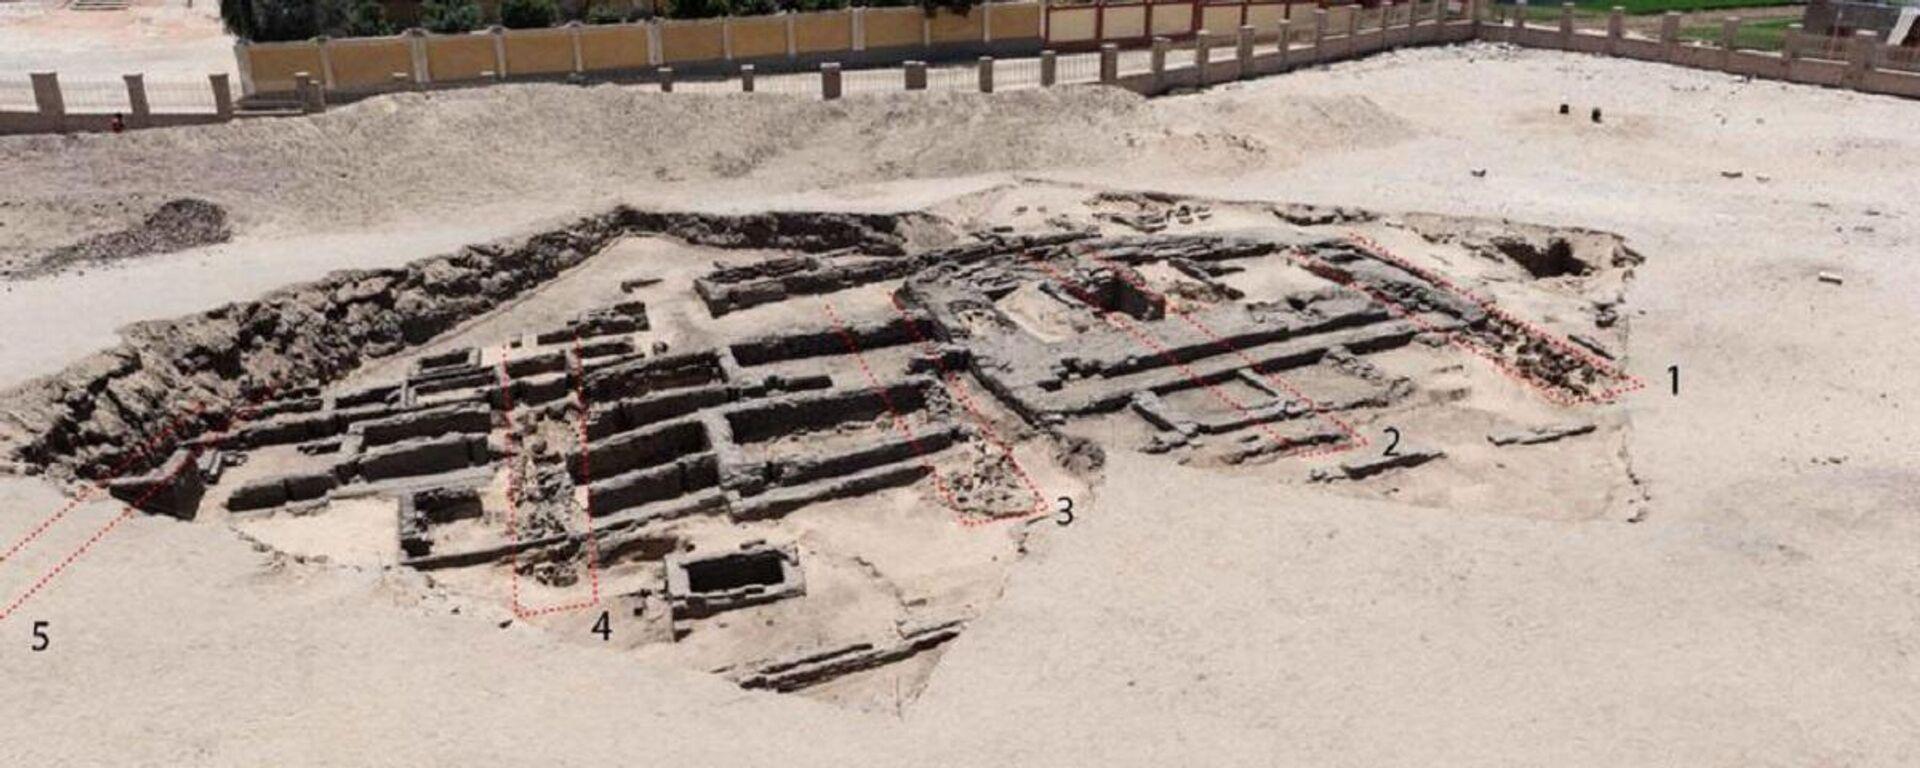 Restos de la supuesta cervecería más antigua del mundo, descubierta en el asentamiento arqueológico de Abidos. - Sputnik Mundo, 1920, 14.02.2021